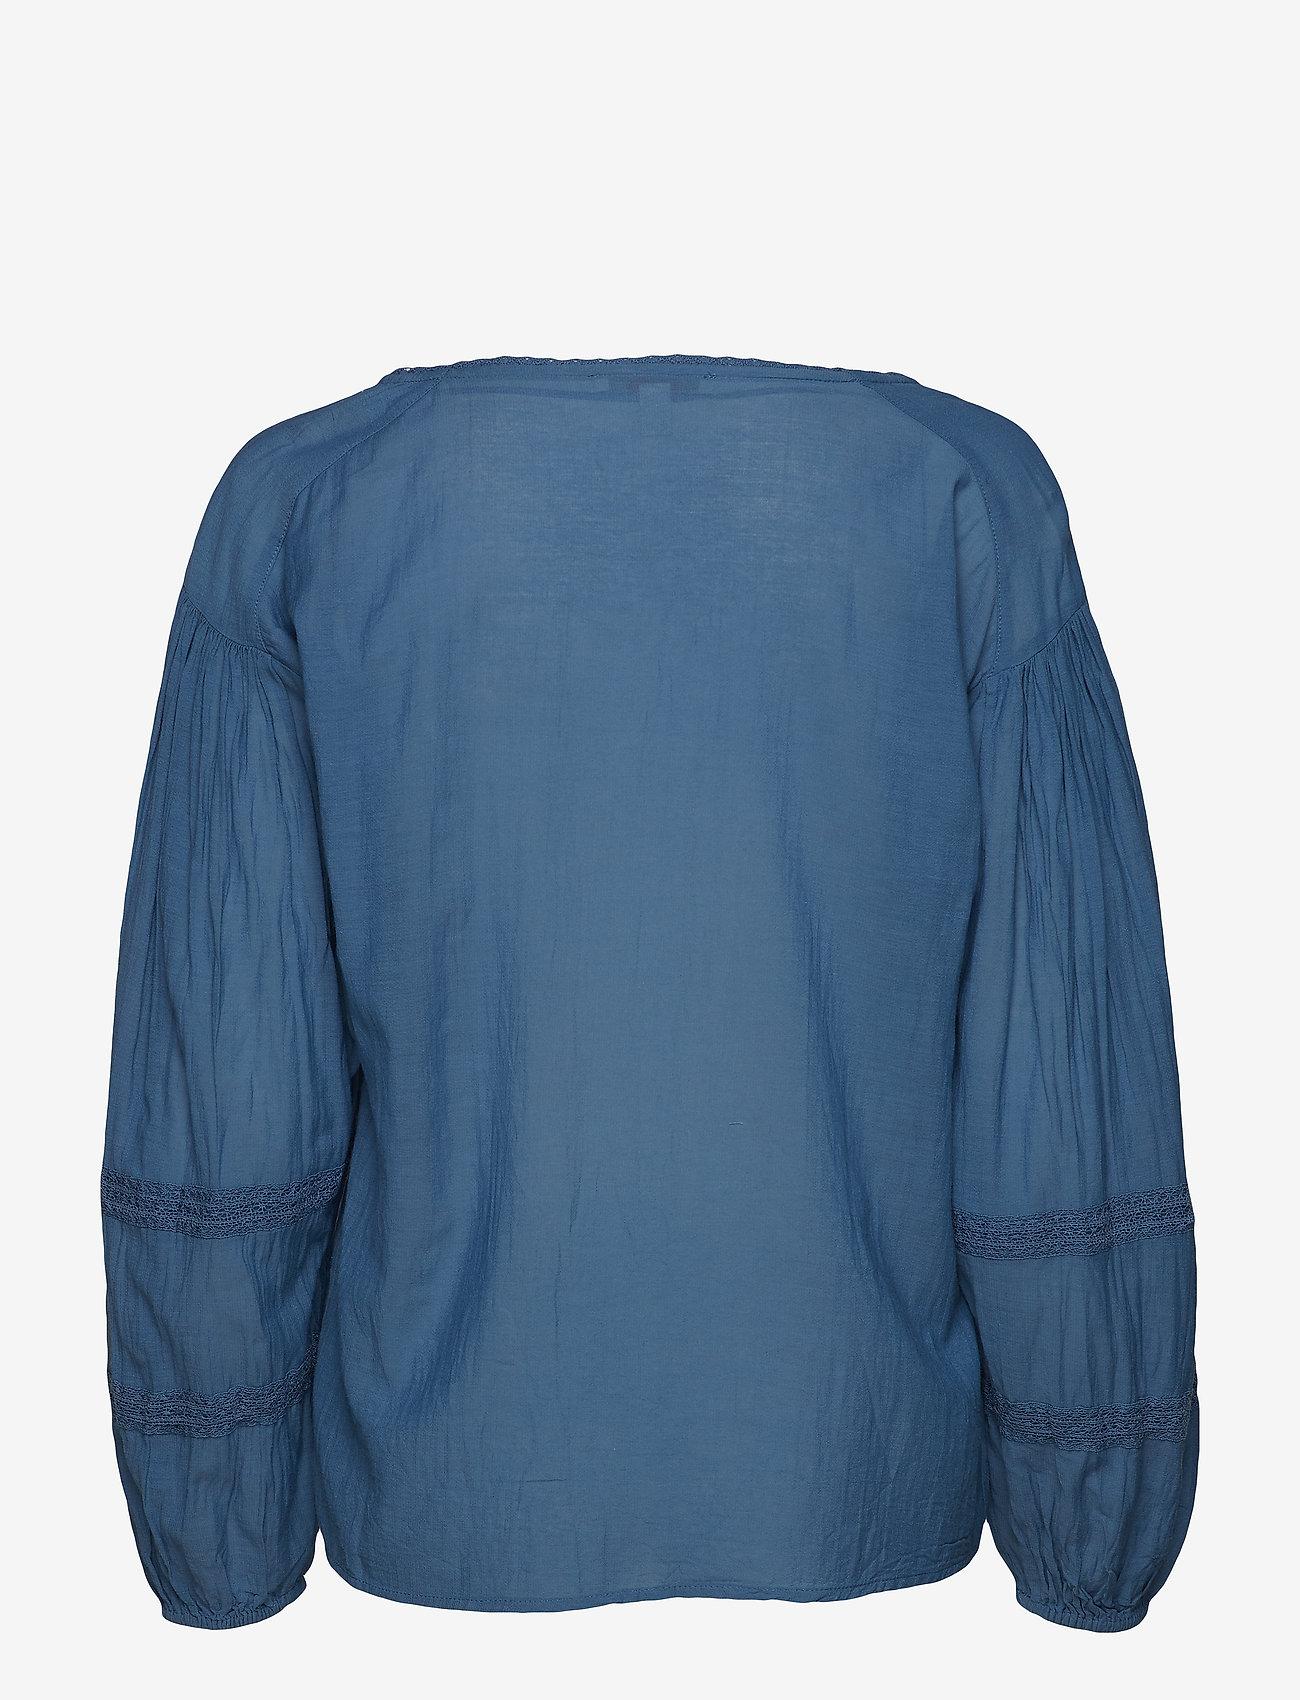 Blouses Woven (Grey Blue) (252.99 kr) - Esprit Casual